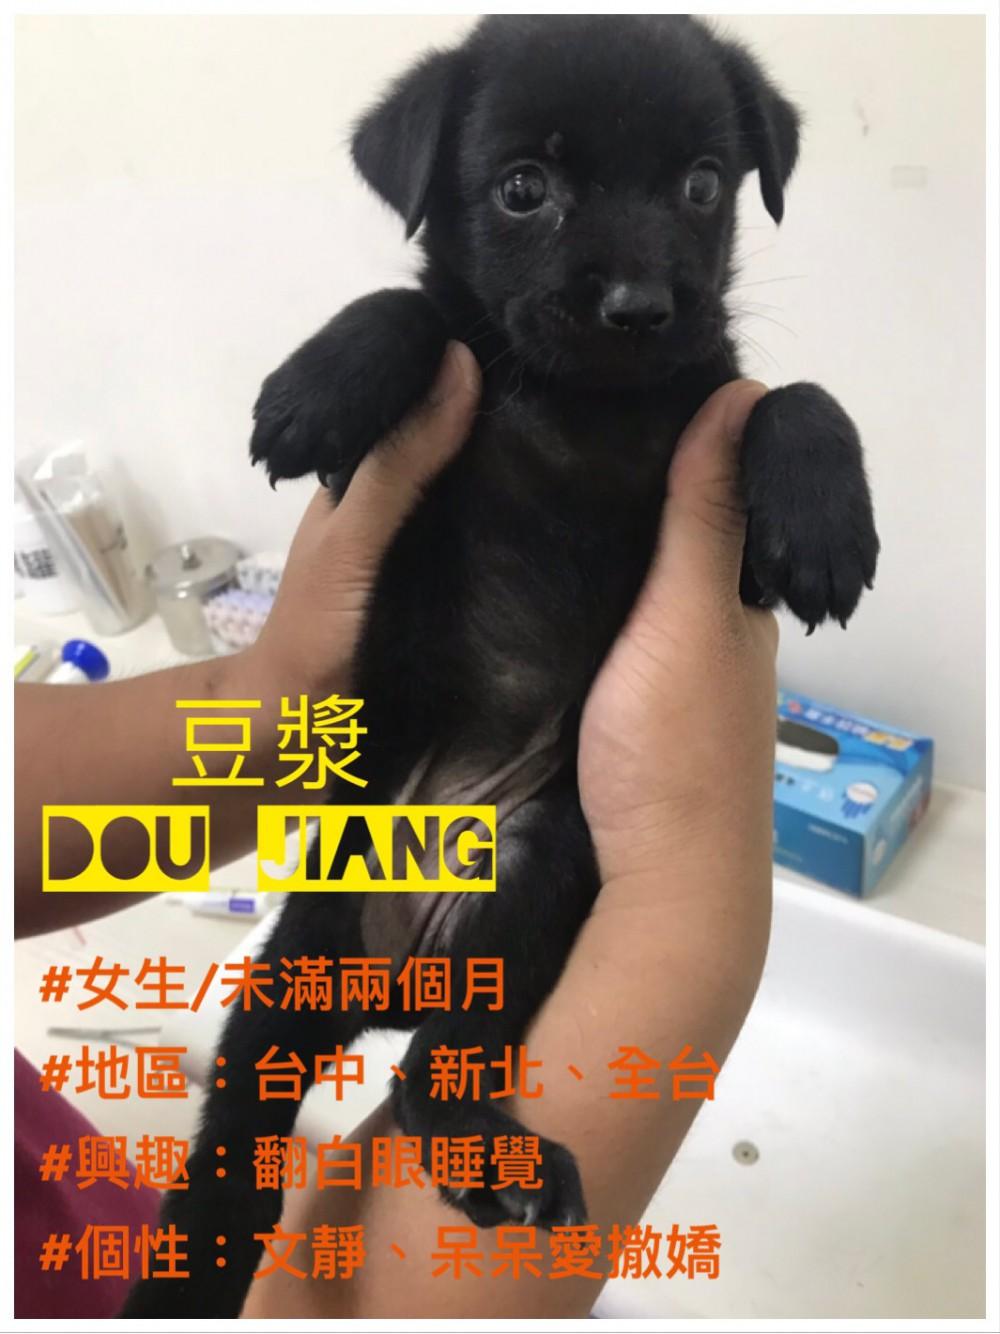 領養狗-豆漿Dou Jiang